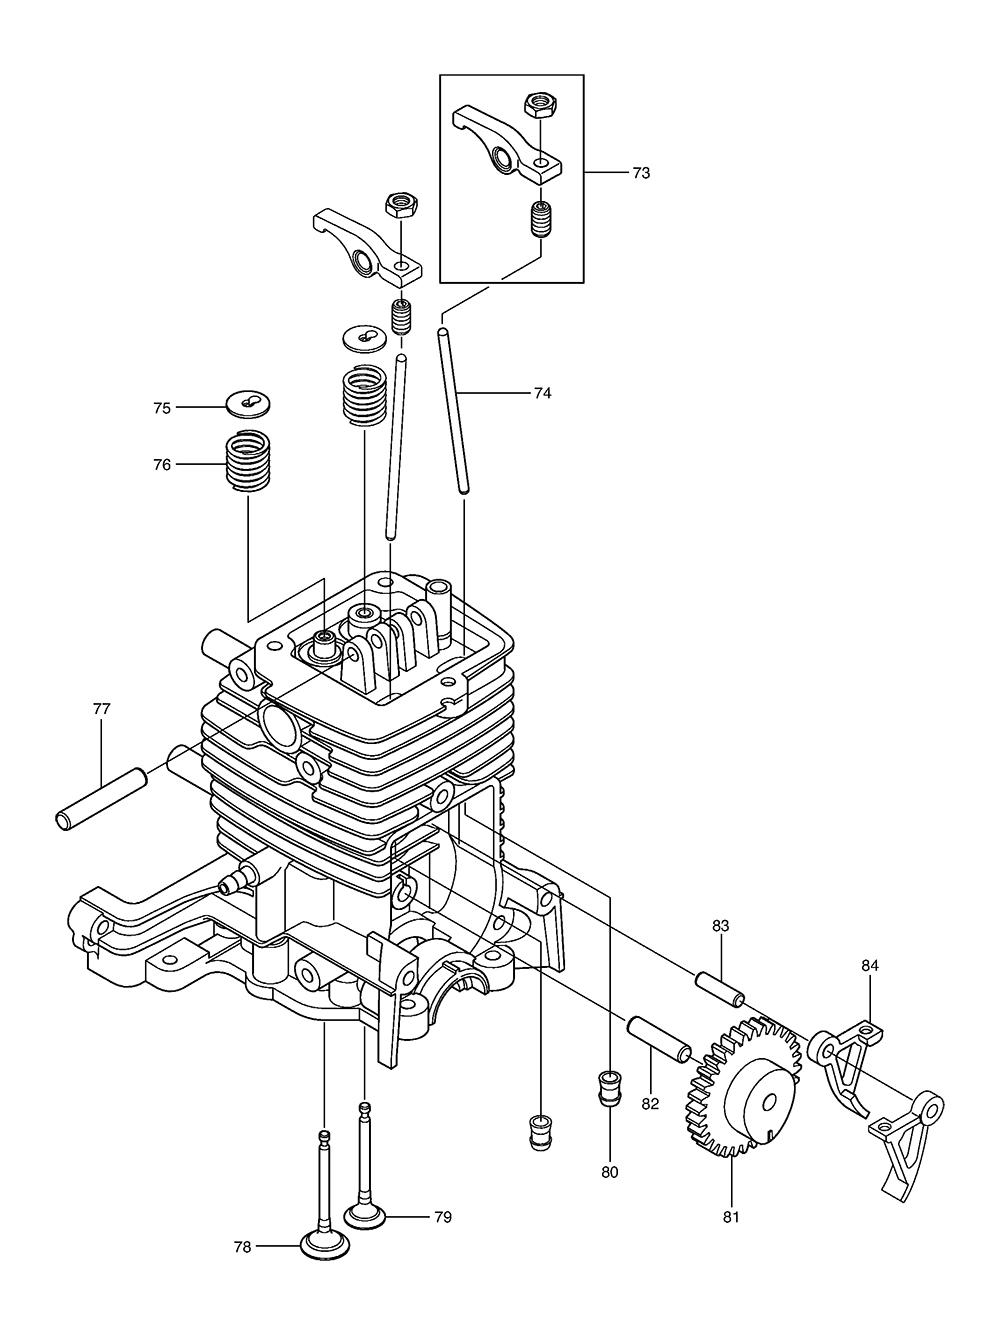 Holden Vu Wiring Diagram